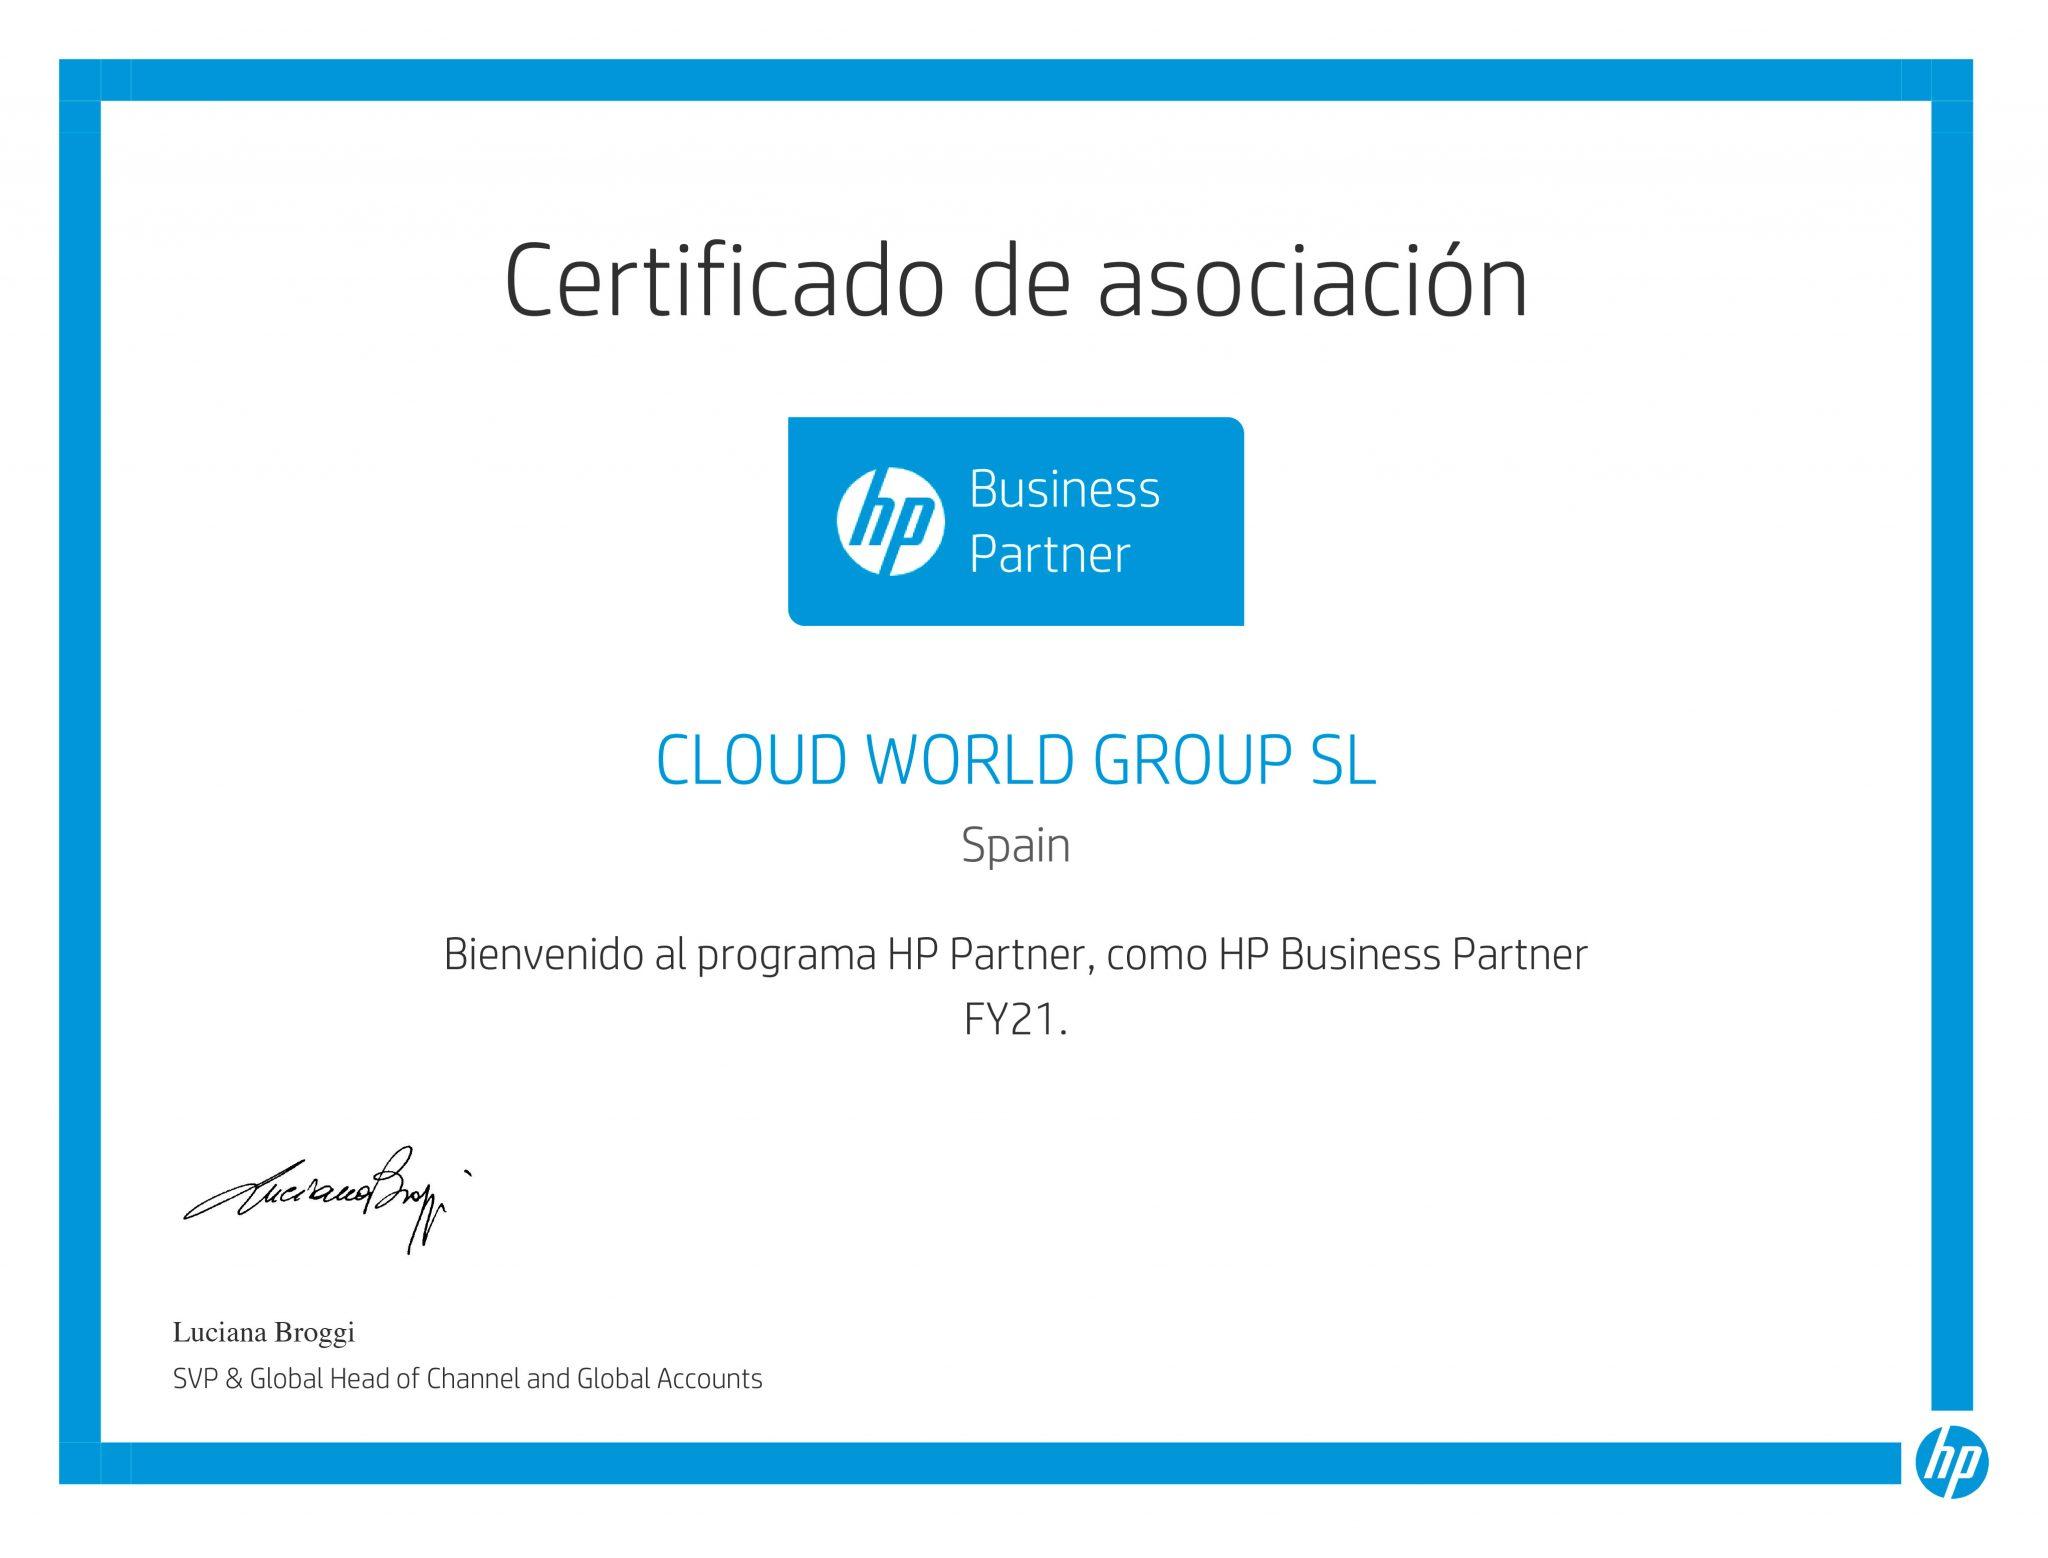 hp certificado